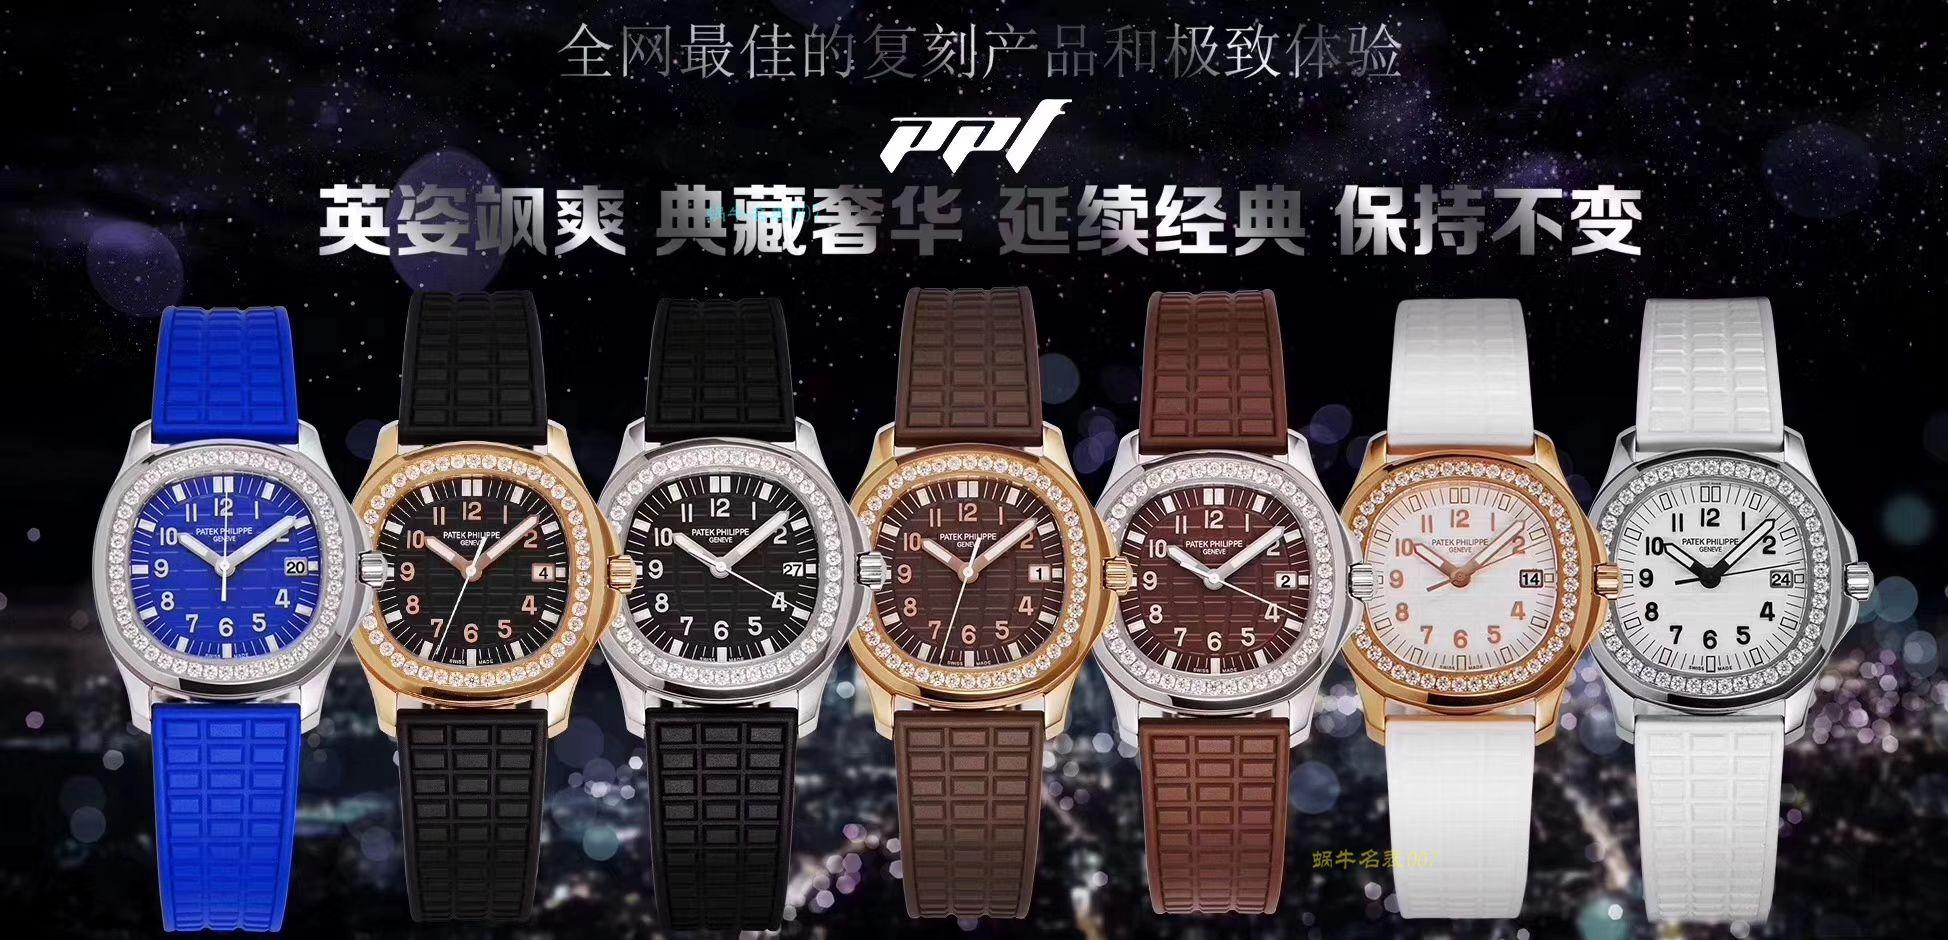 百达翡丽AQUANAUT系列5067A-022腕表【PPF一比一高仿百达翡丽鹦鹉螺女表】